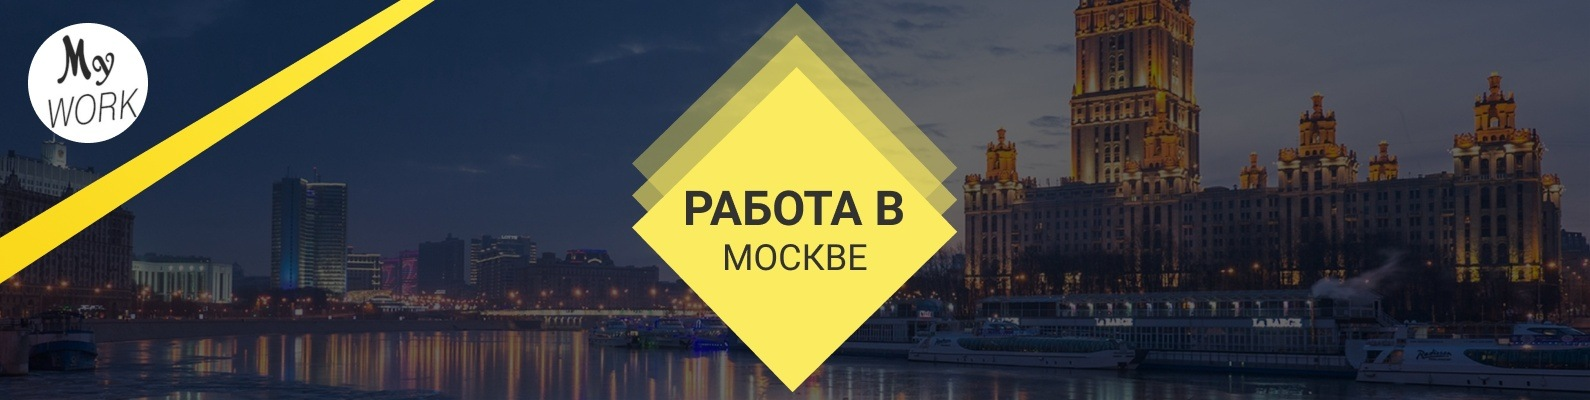 Медицинские книжки в Москве Марьино мобилмед